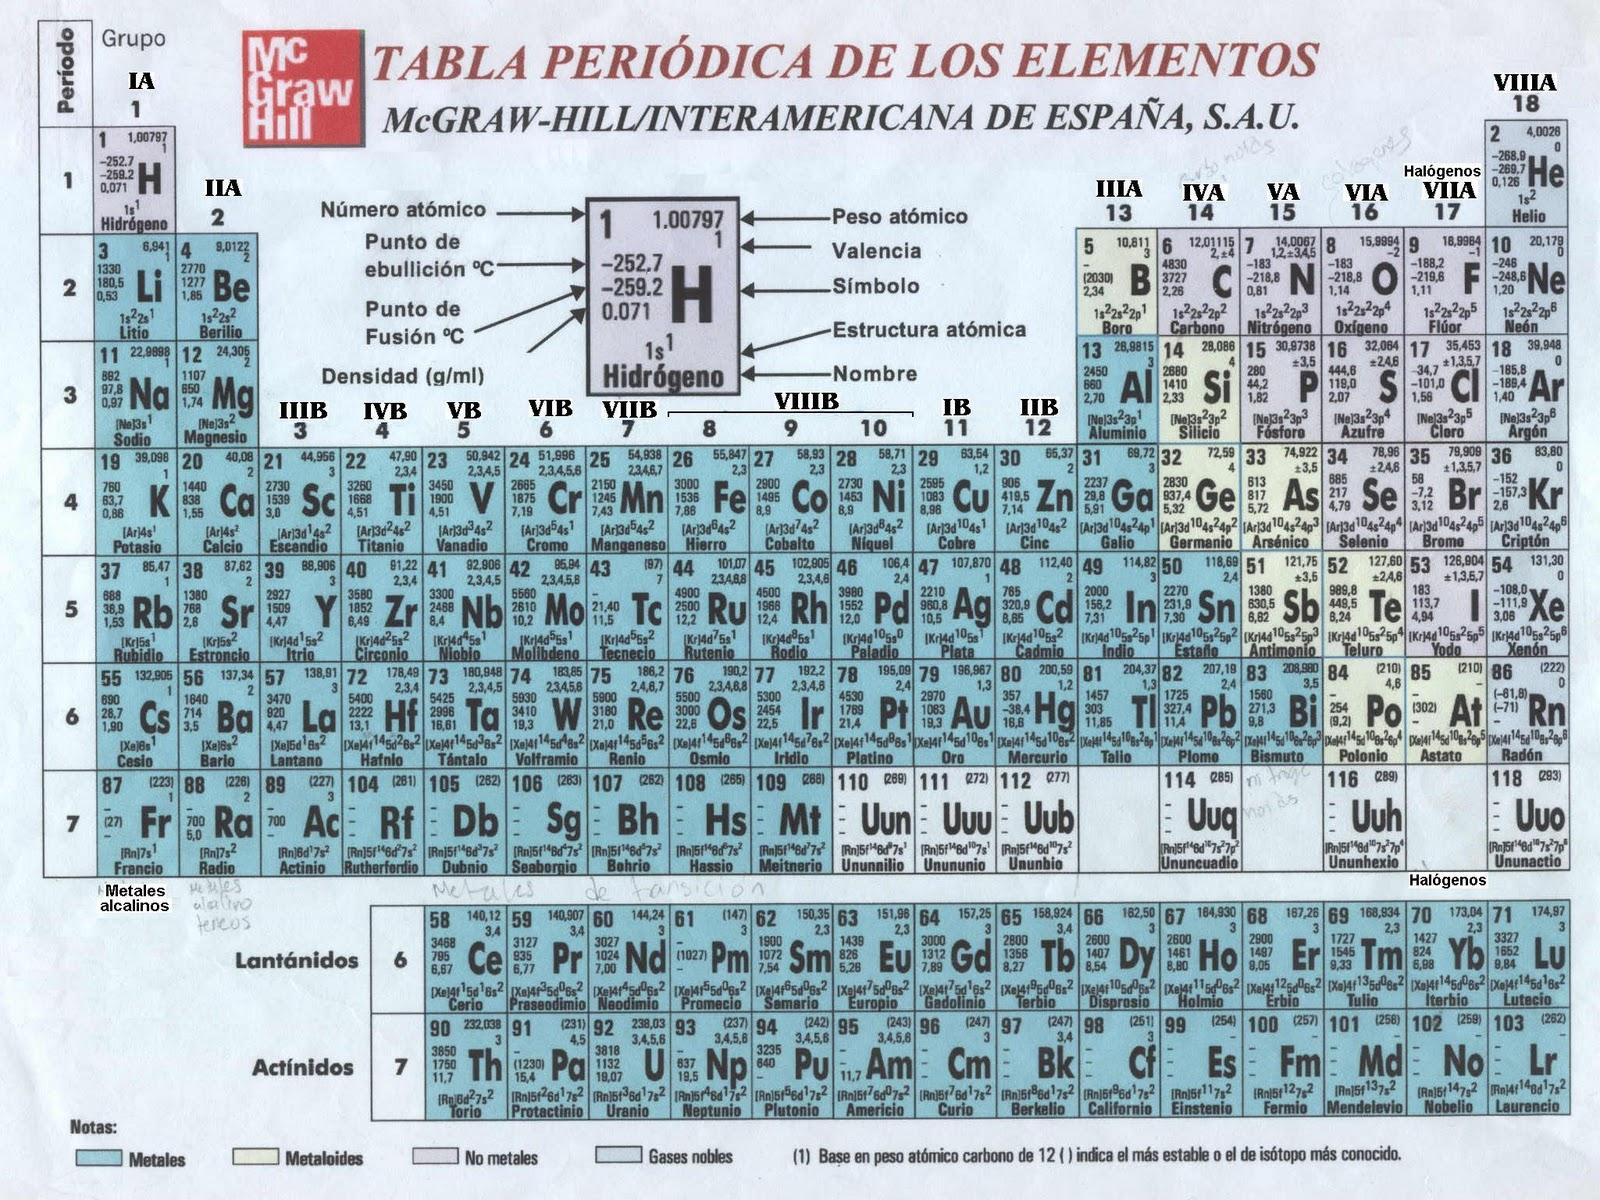 Fisico quimica tabla periodica y sus elementos tabla periodica y sus elementos urtaz Gallery